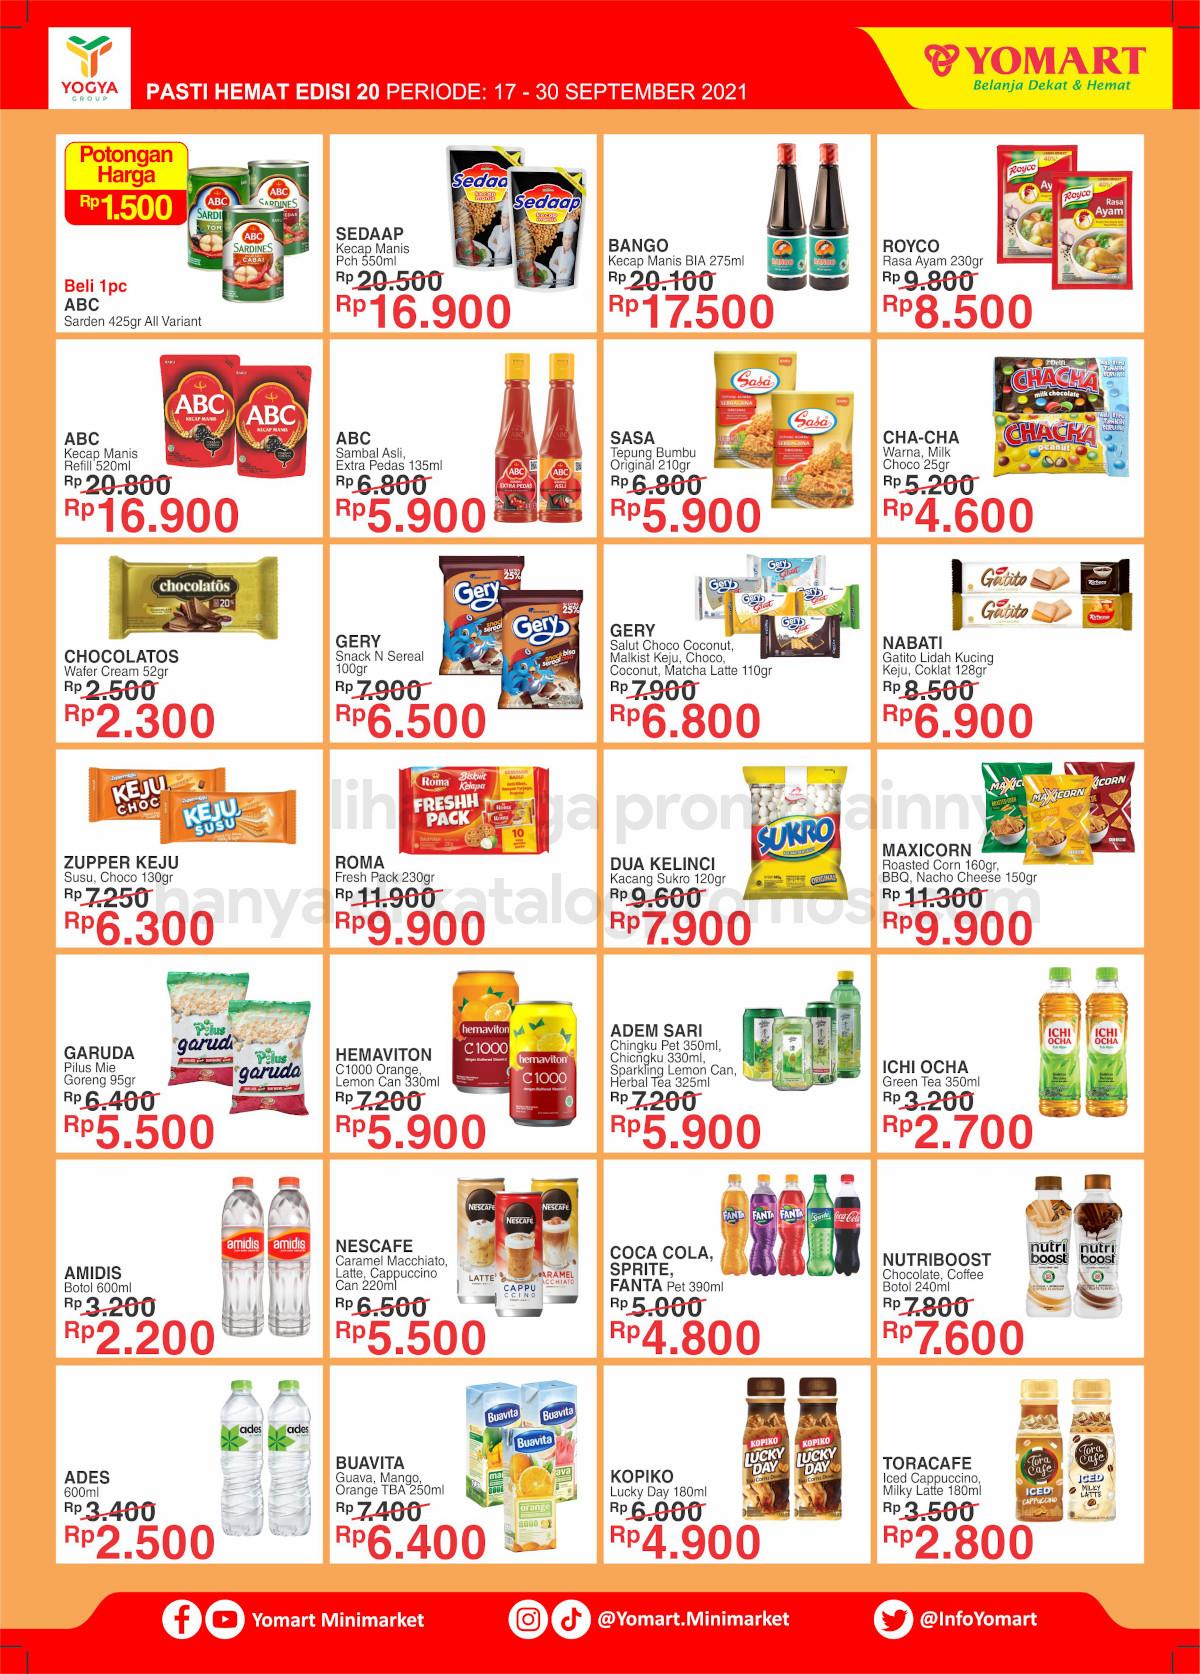 Katalog Yomart Minimarket Promo Mingguan periode 17-30 September 2021